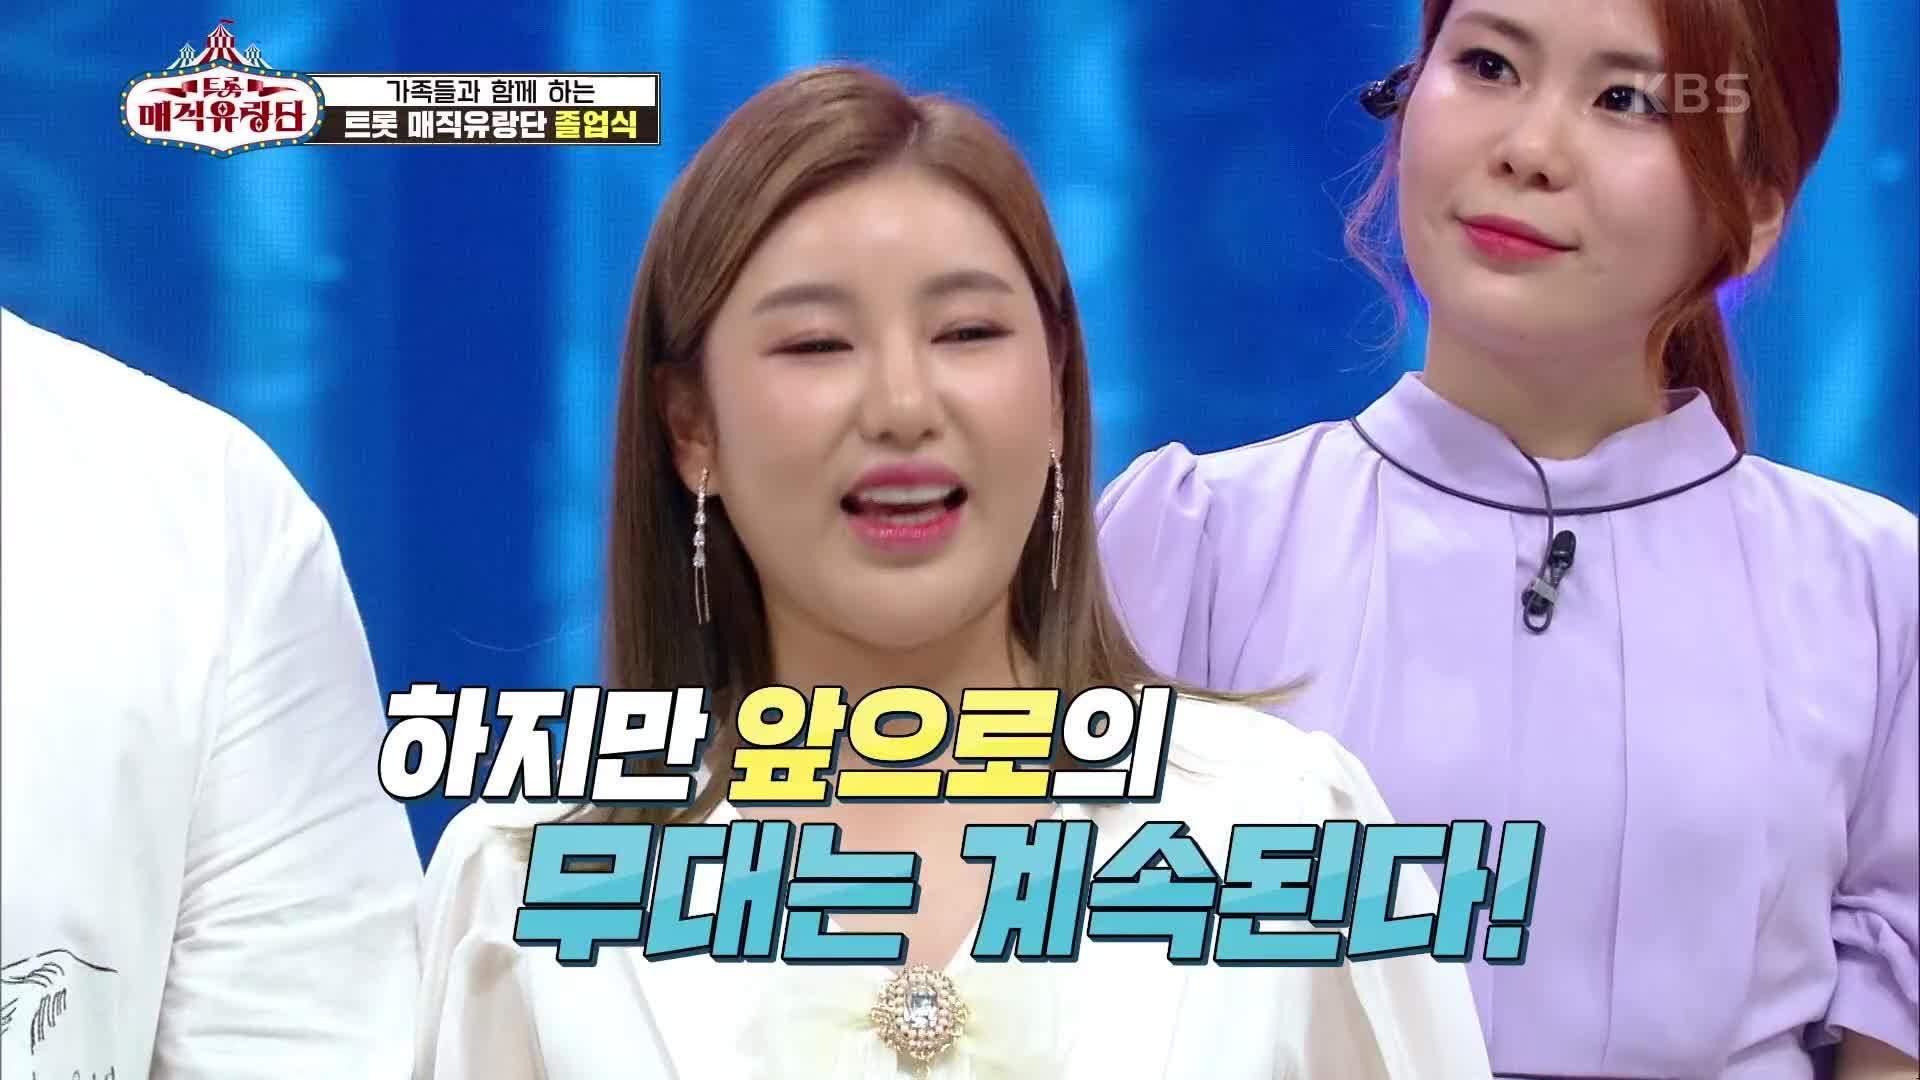 다시 만날 그날을 위해! 이별을 고하는 트롯 매직 유랑단   KBS 210724 방송